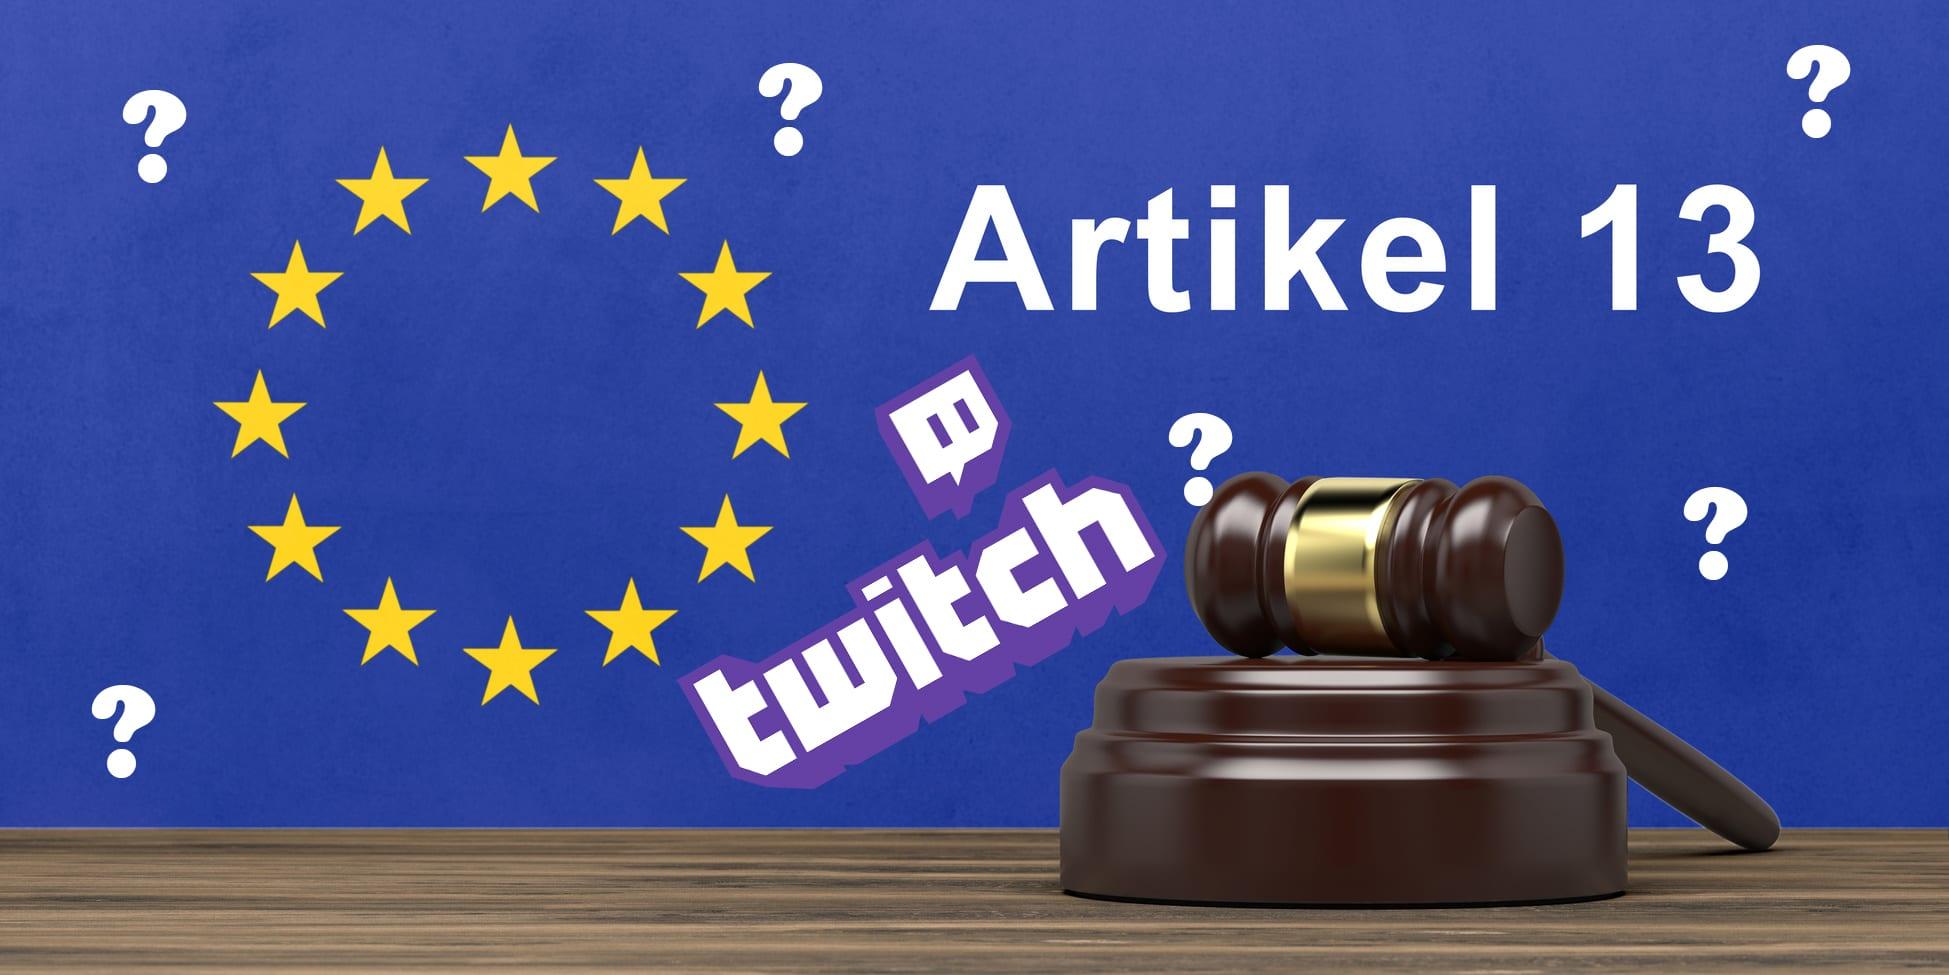 Artikel 13 Twitch